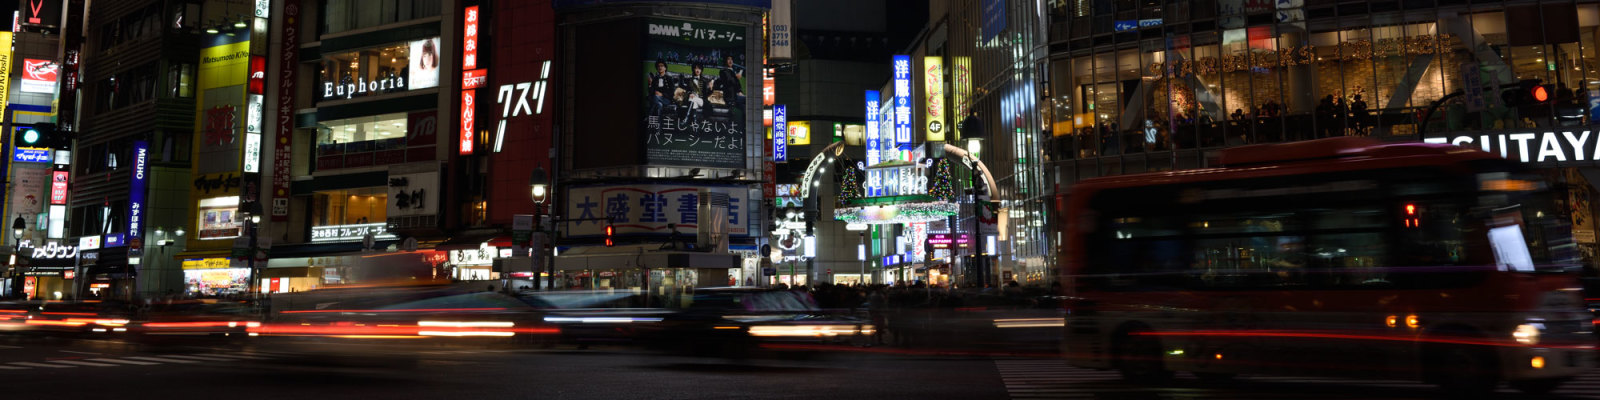 SUSHIYA sansaro Warengruppenbild